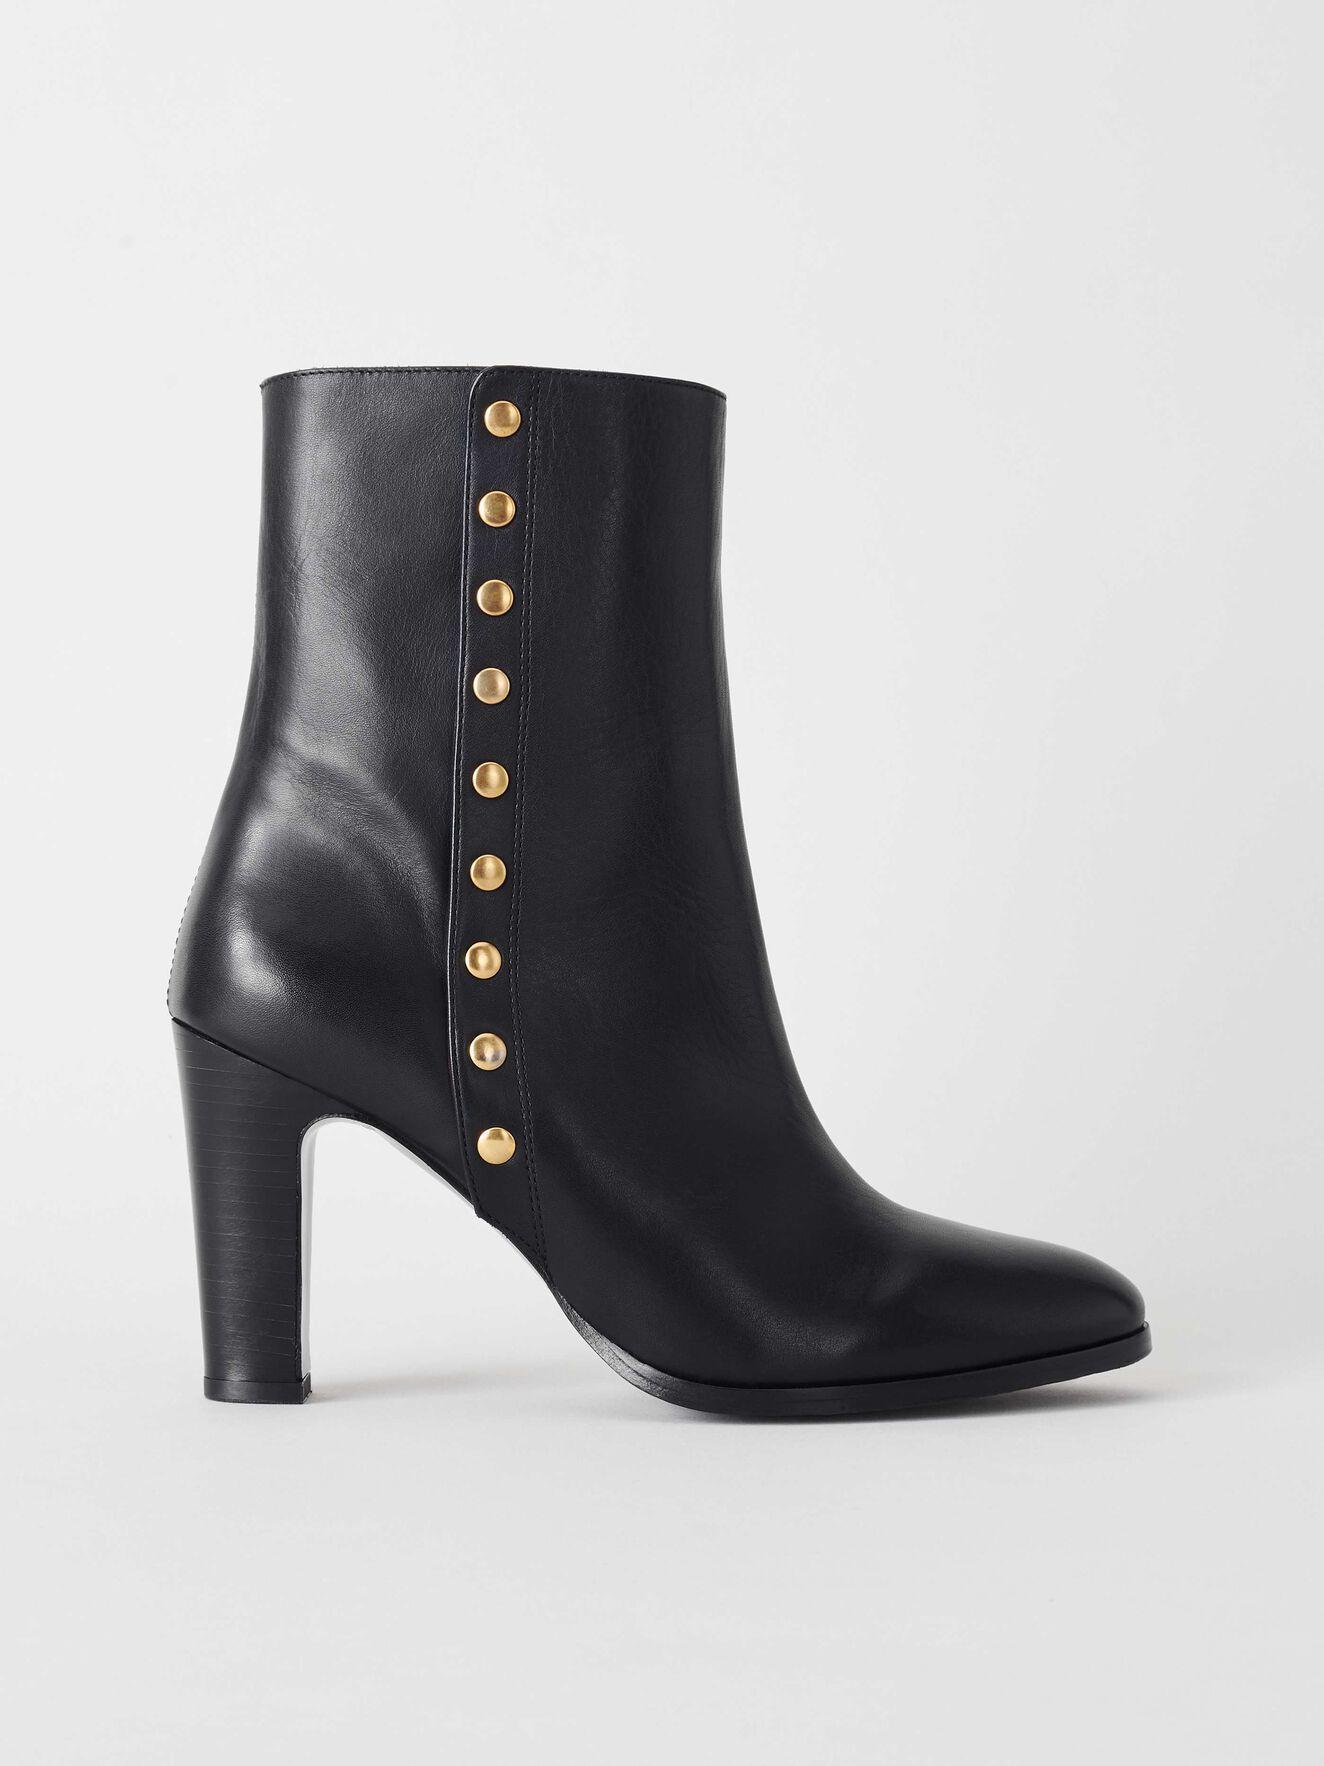 new product 101f6 84751 Scarpe - Acquista scarpe firmate da donna online su Tiger of ...